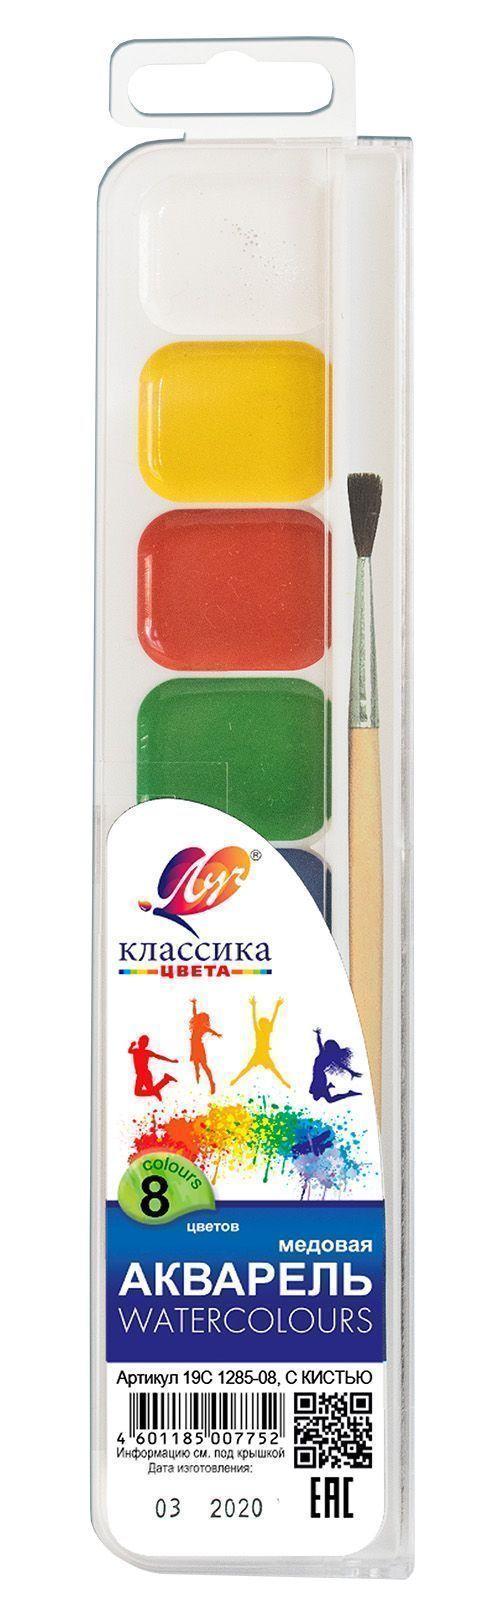 Акварель КЛАССИКА 8 цветов, пластиковая упаковка с кистью